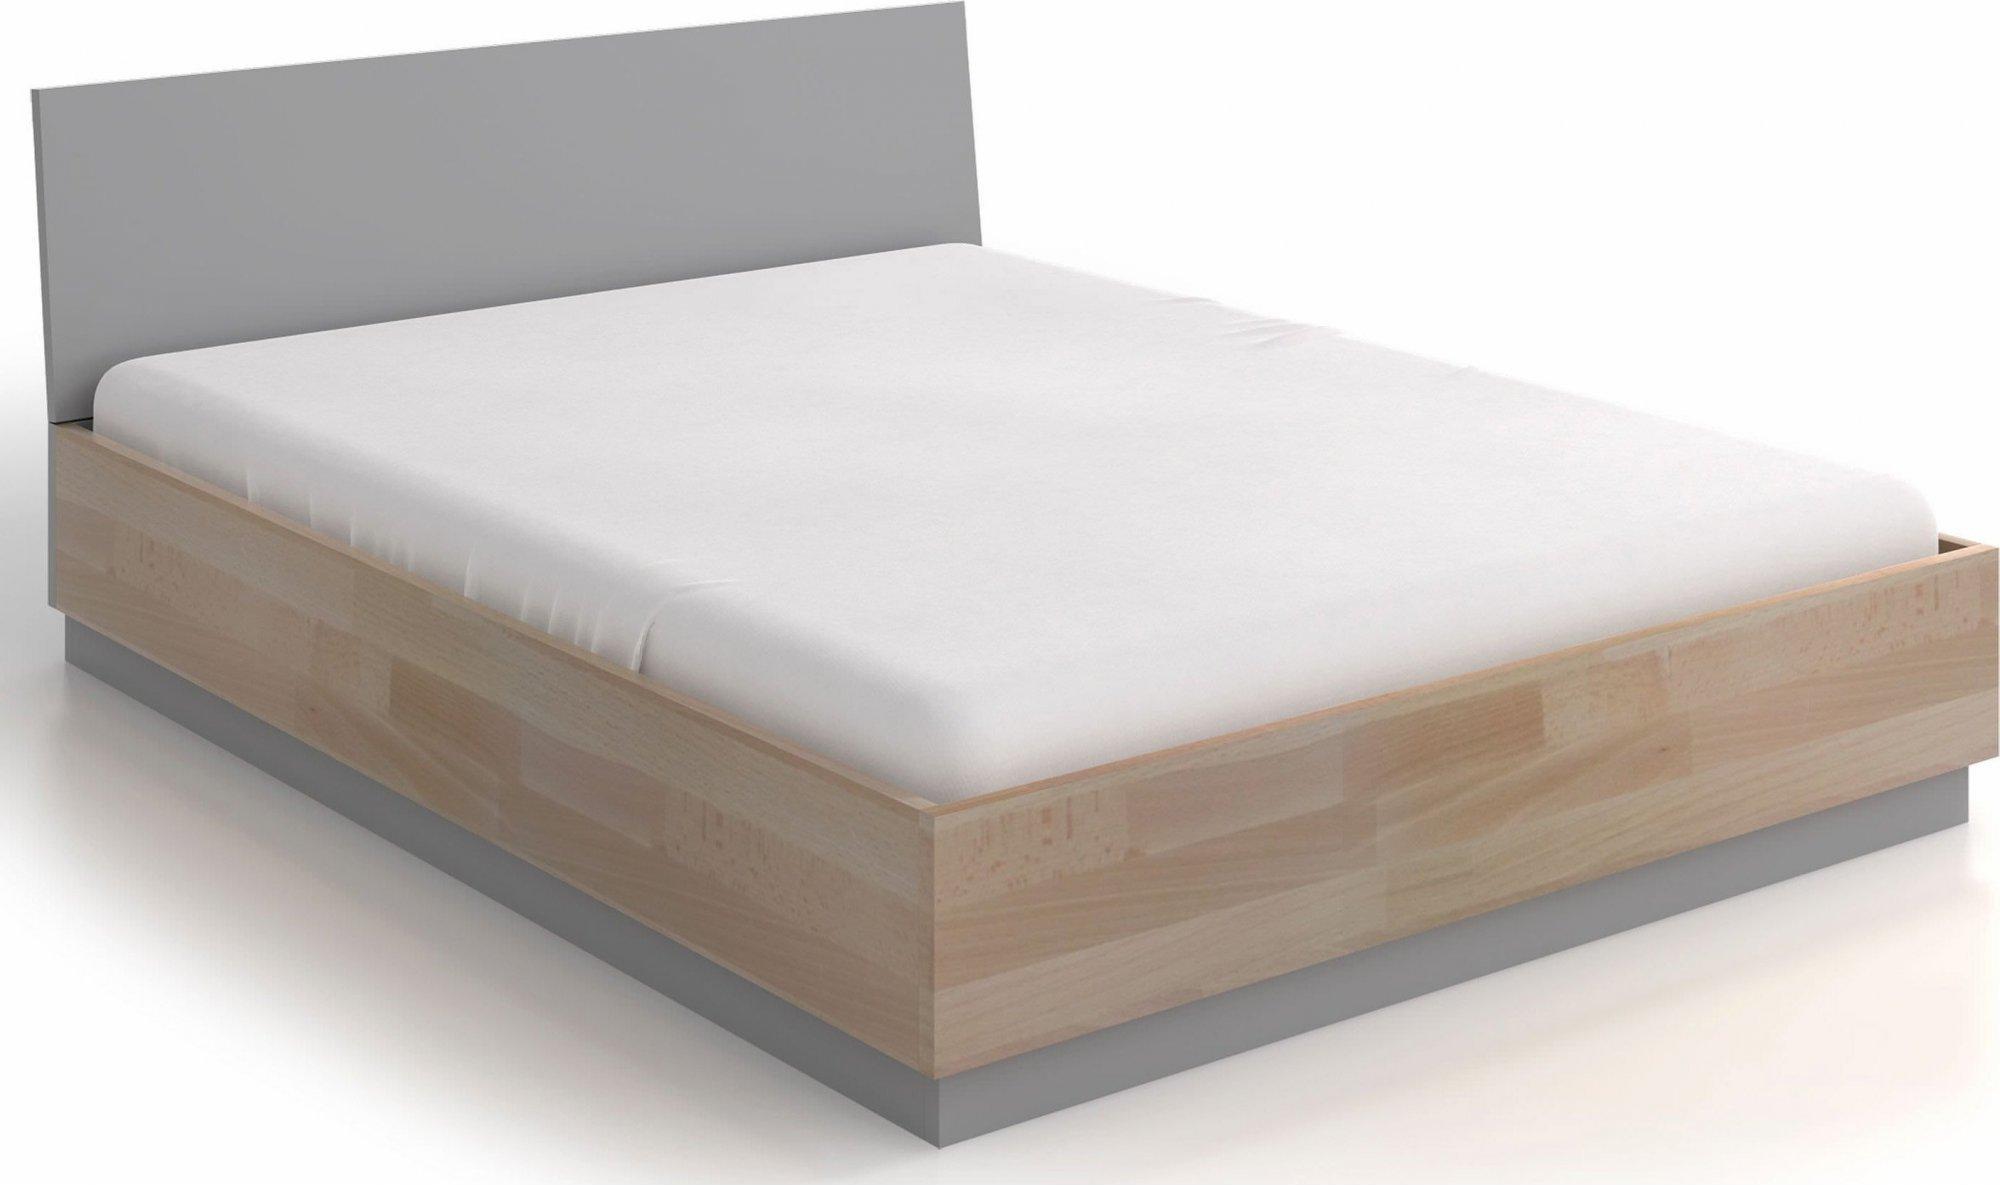 Lit avec tête de lit et sommier bois massif clair 200x200cm